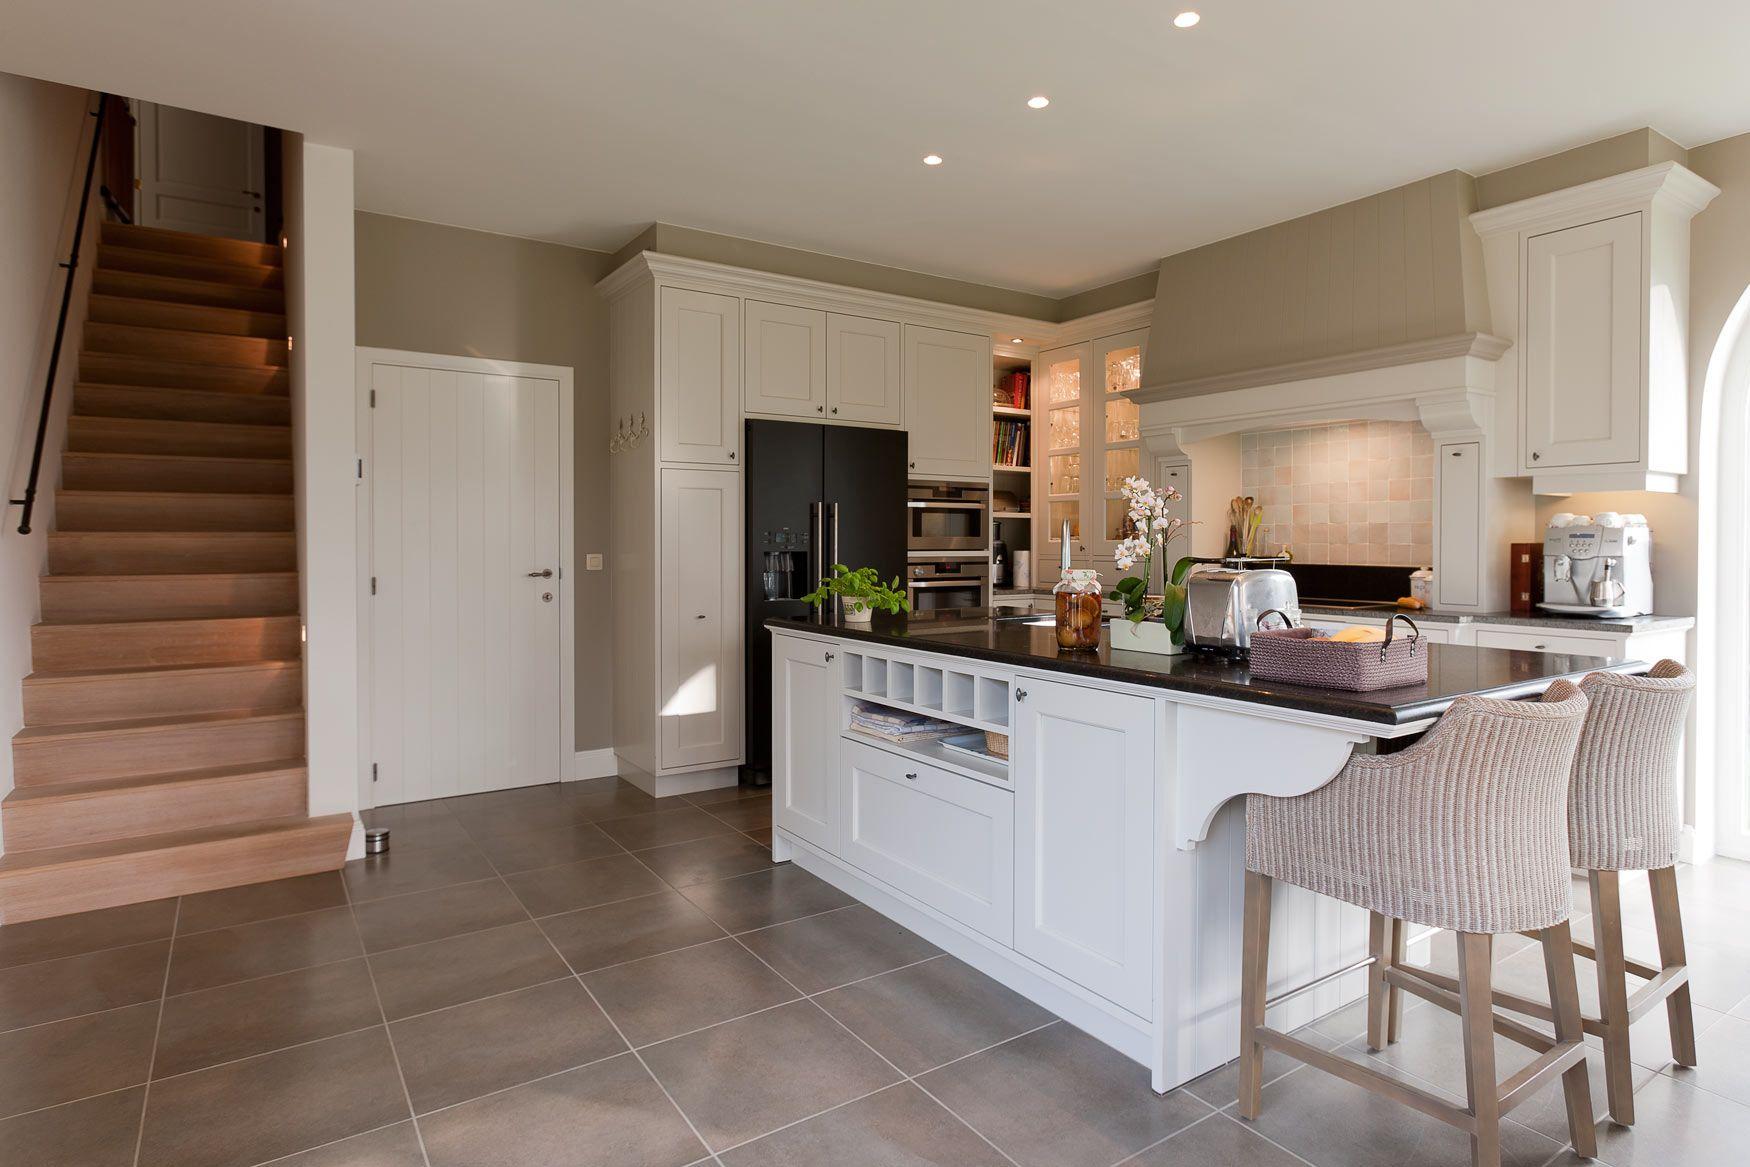 Landelijke keukens hoskens interieurstudio home for Landelijke stijl interieur